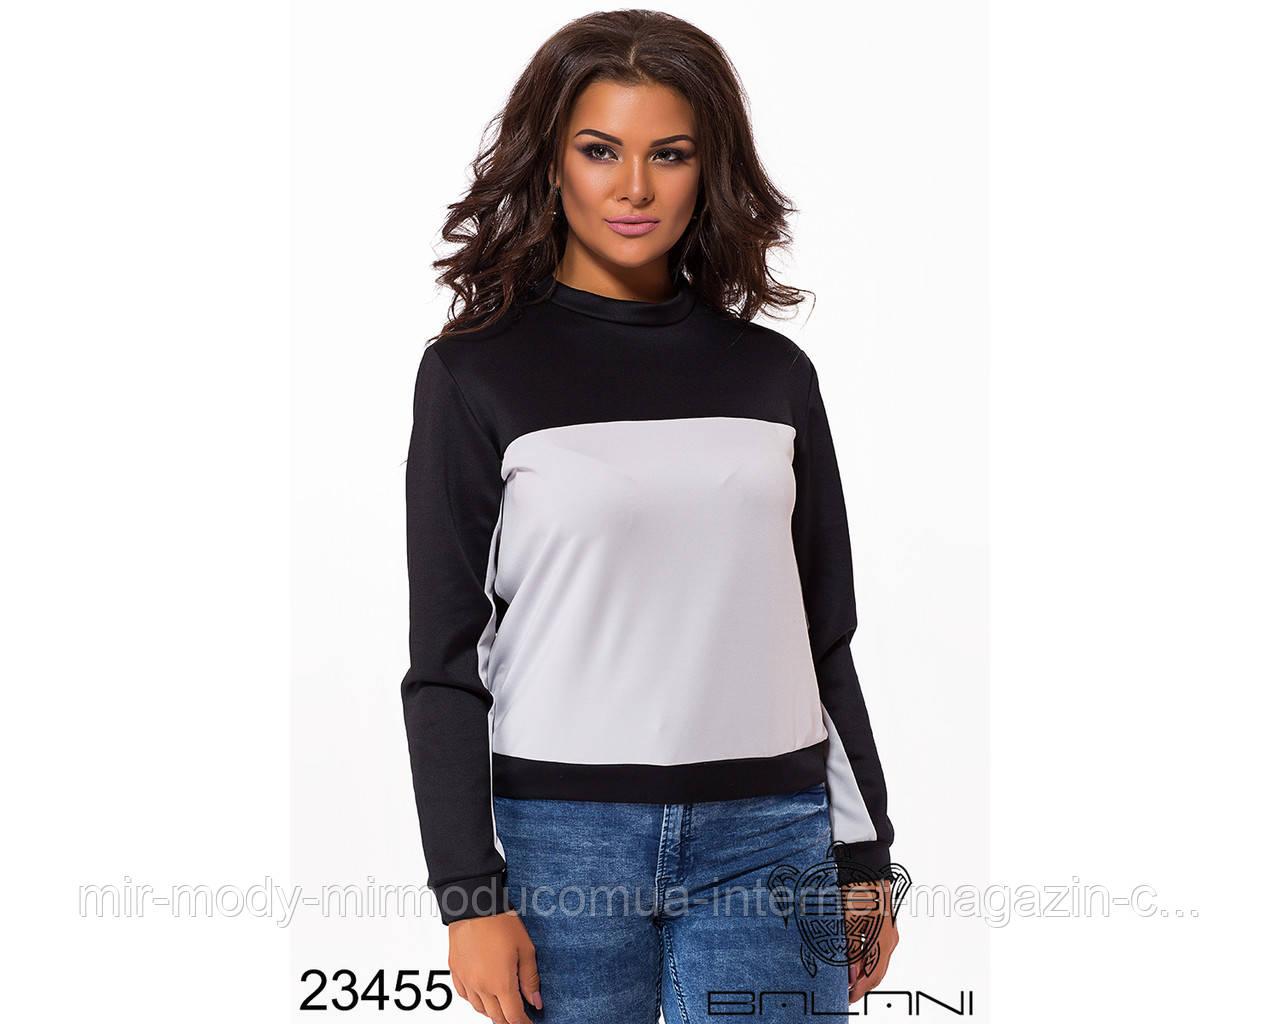 Стильный свитер- 23455 с 48 по 52 размер  (бн)